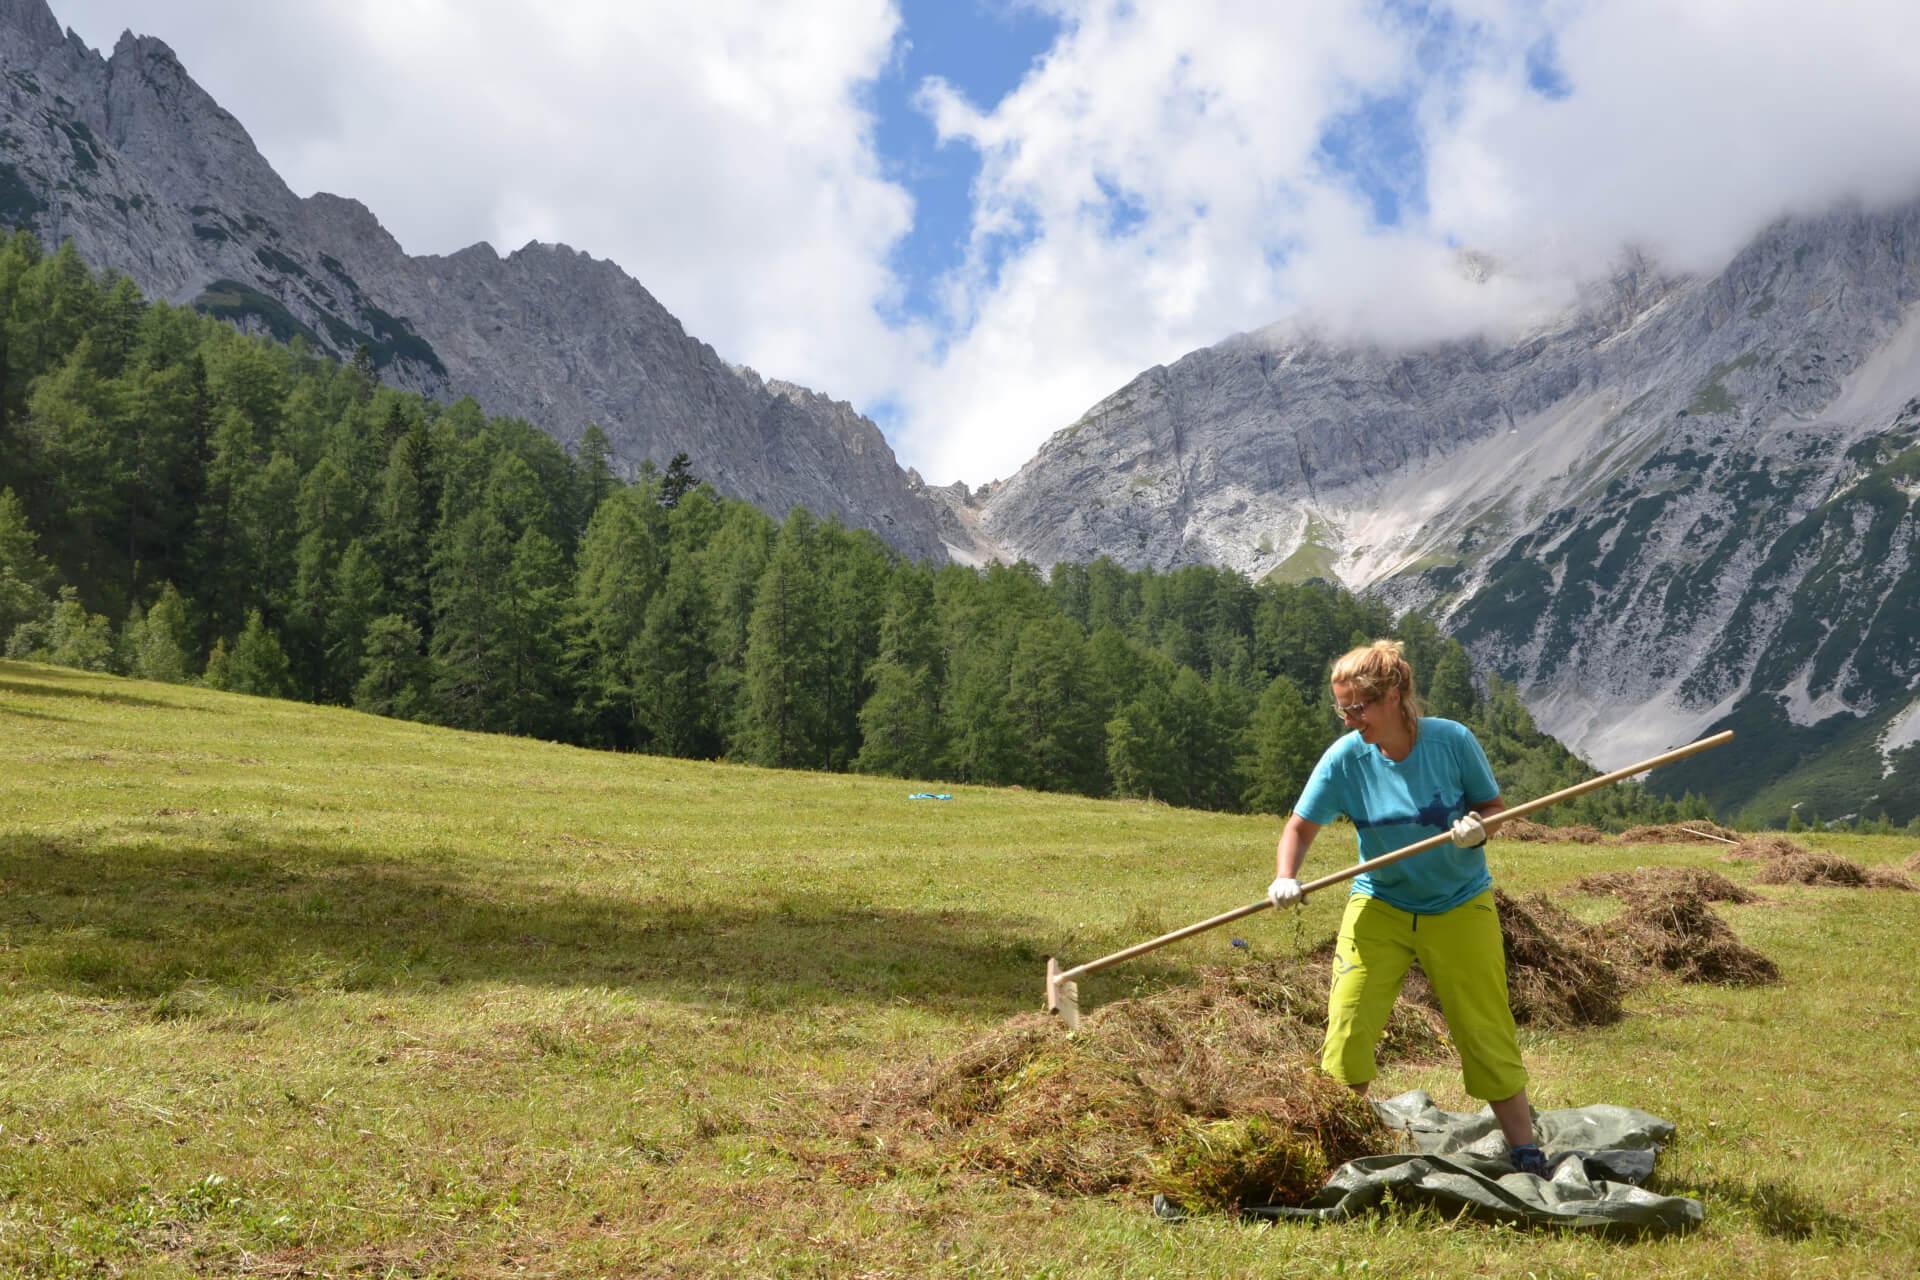 Pflegemaßnahmen am Issanger duch das Team Karwendel